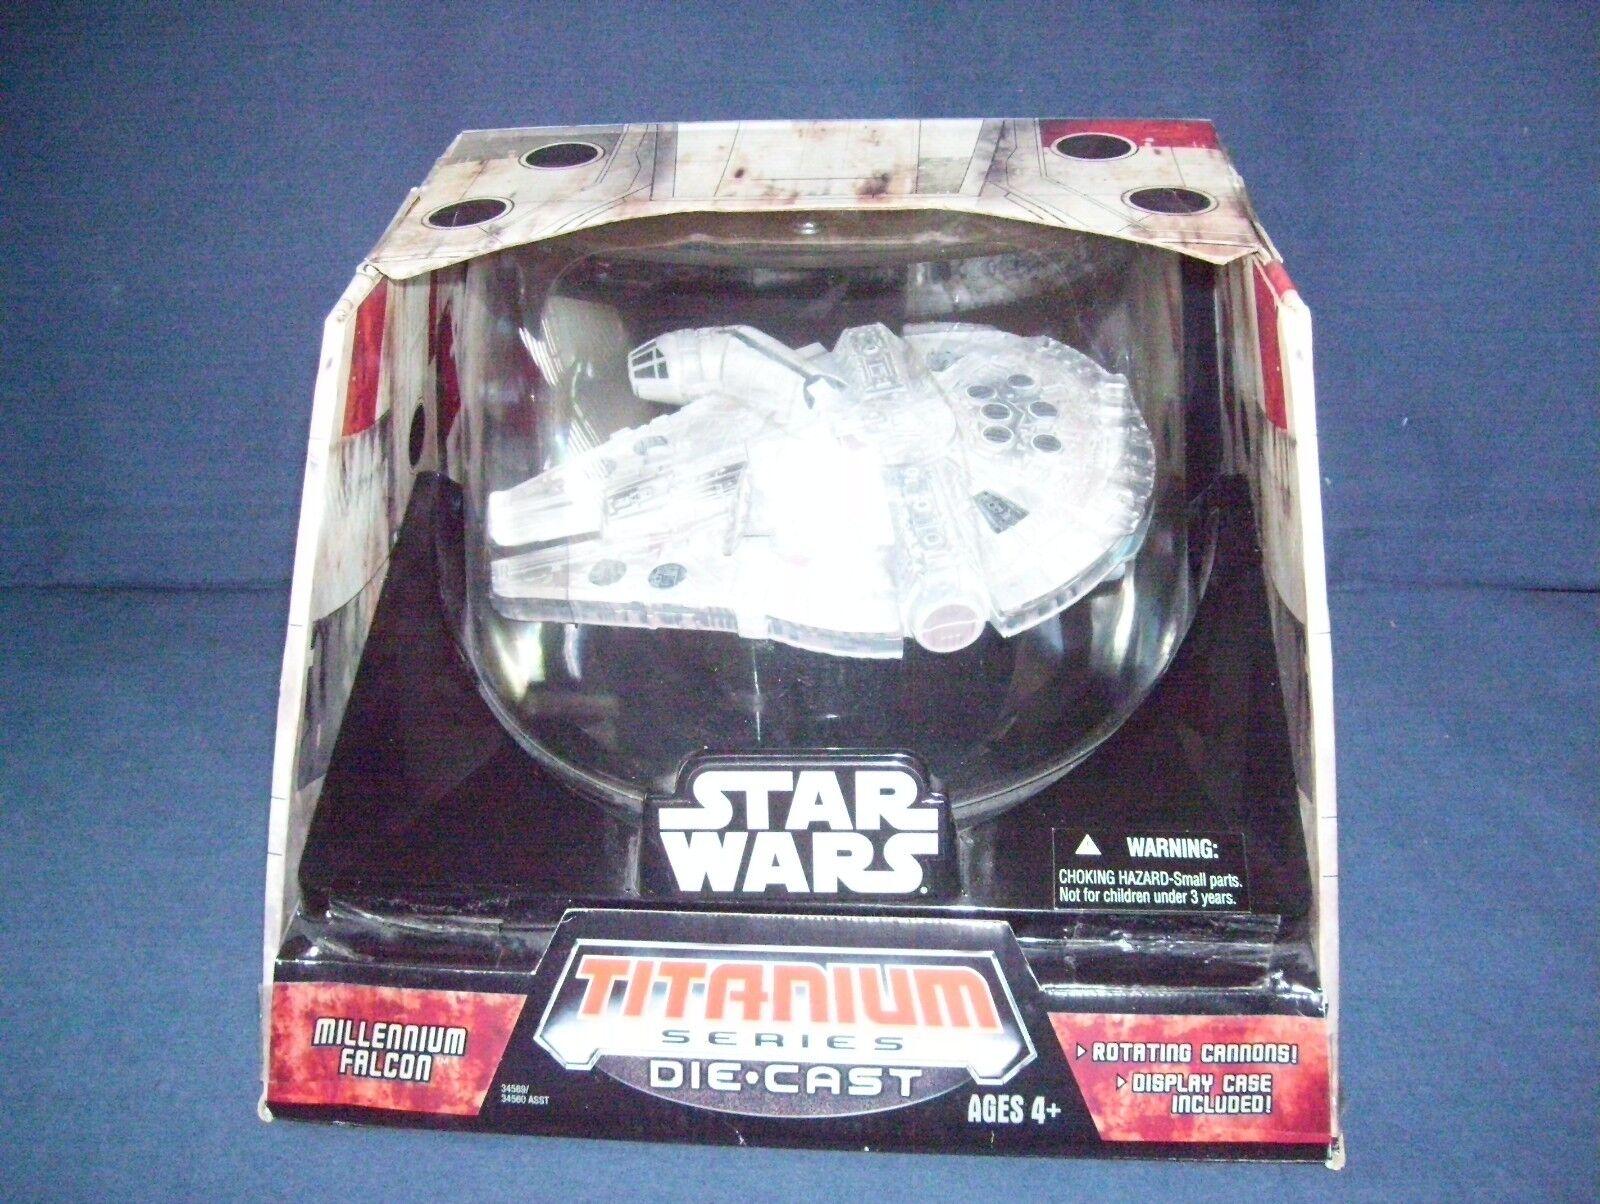 marca de lujo Estrella Wars Titanium Series Series Series Large DIE-CAST Millennium Falcon 2006 Hasbro Nuevo En Caja  calidad auténtica